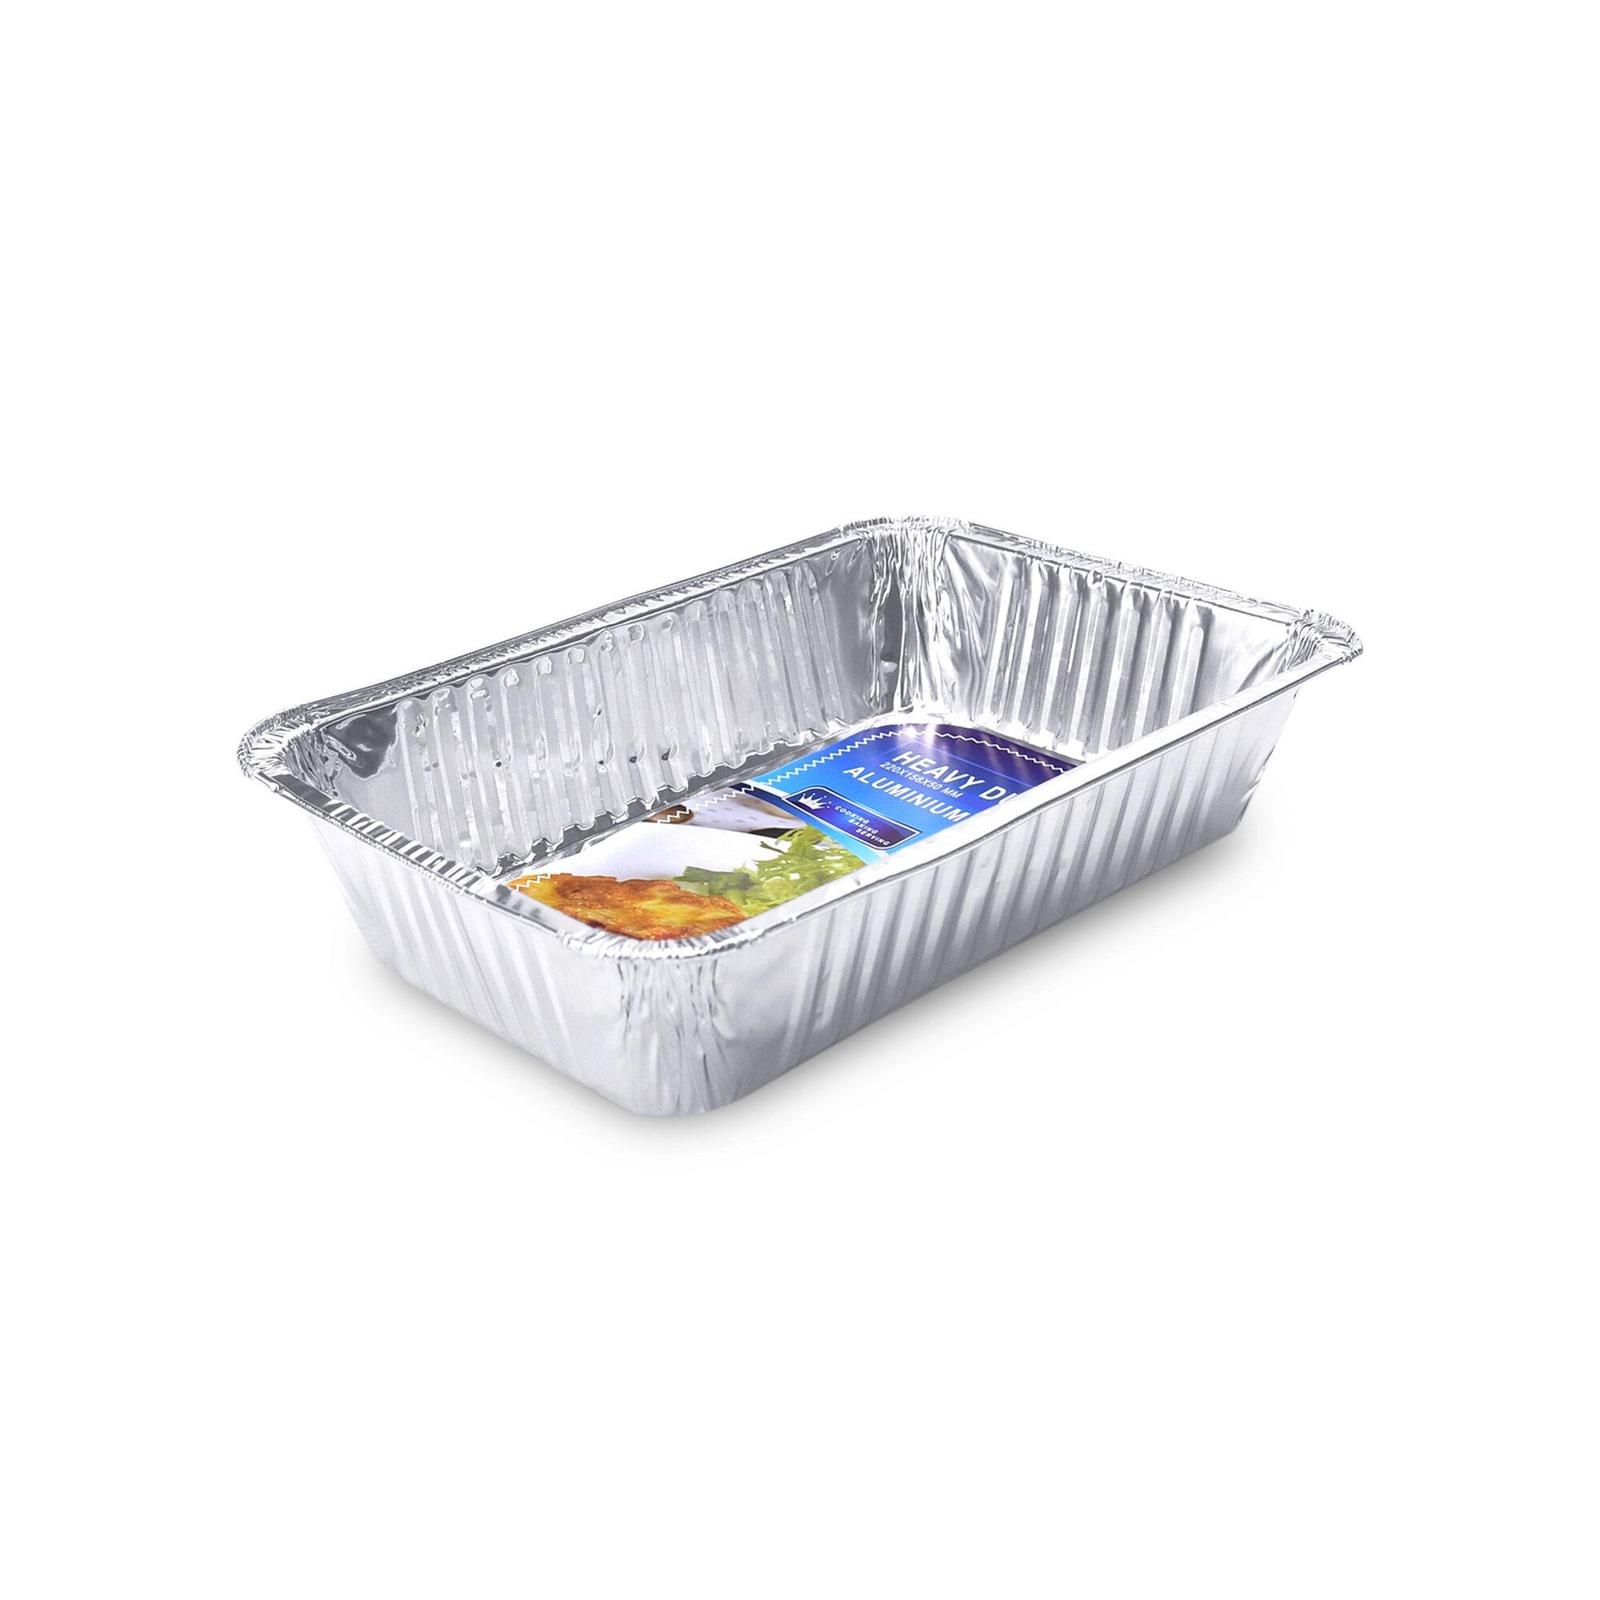 HOUZE Aluminium Foil Tray (Set of 4)